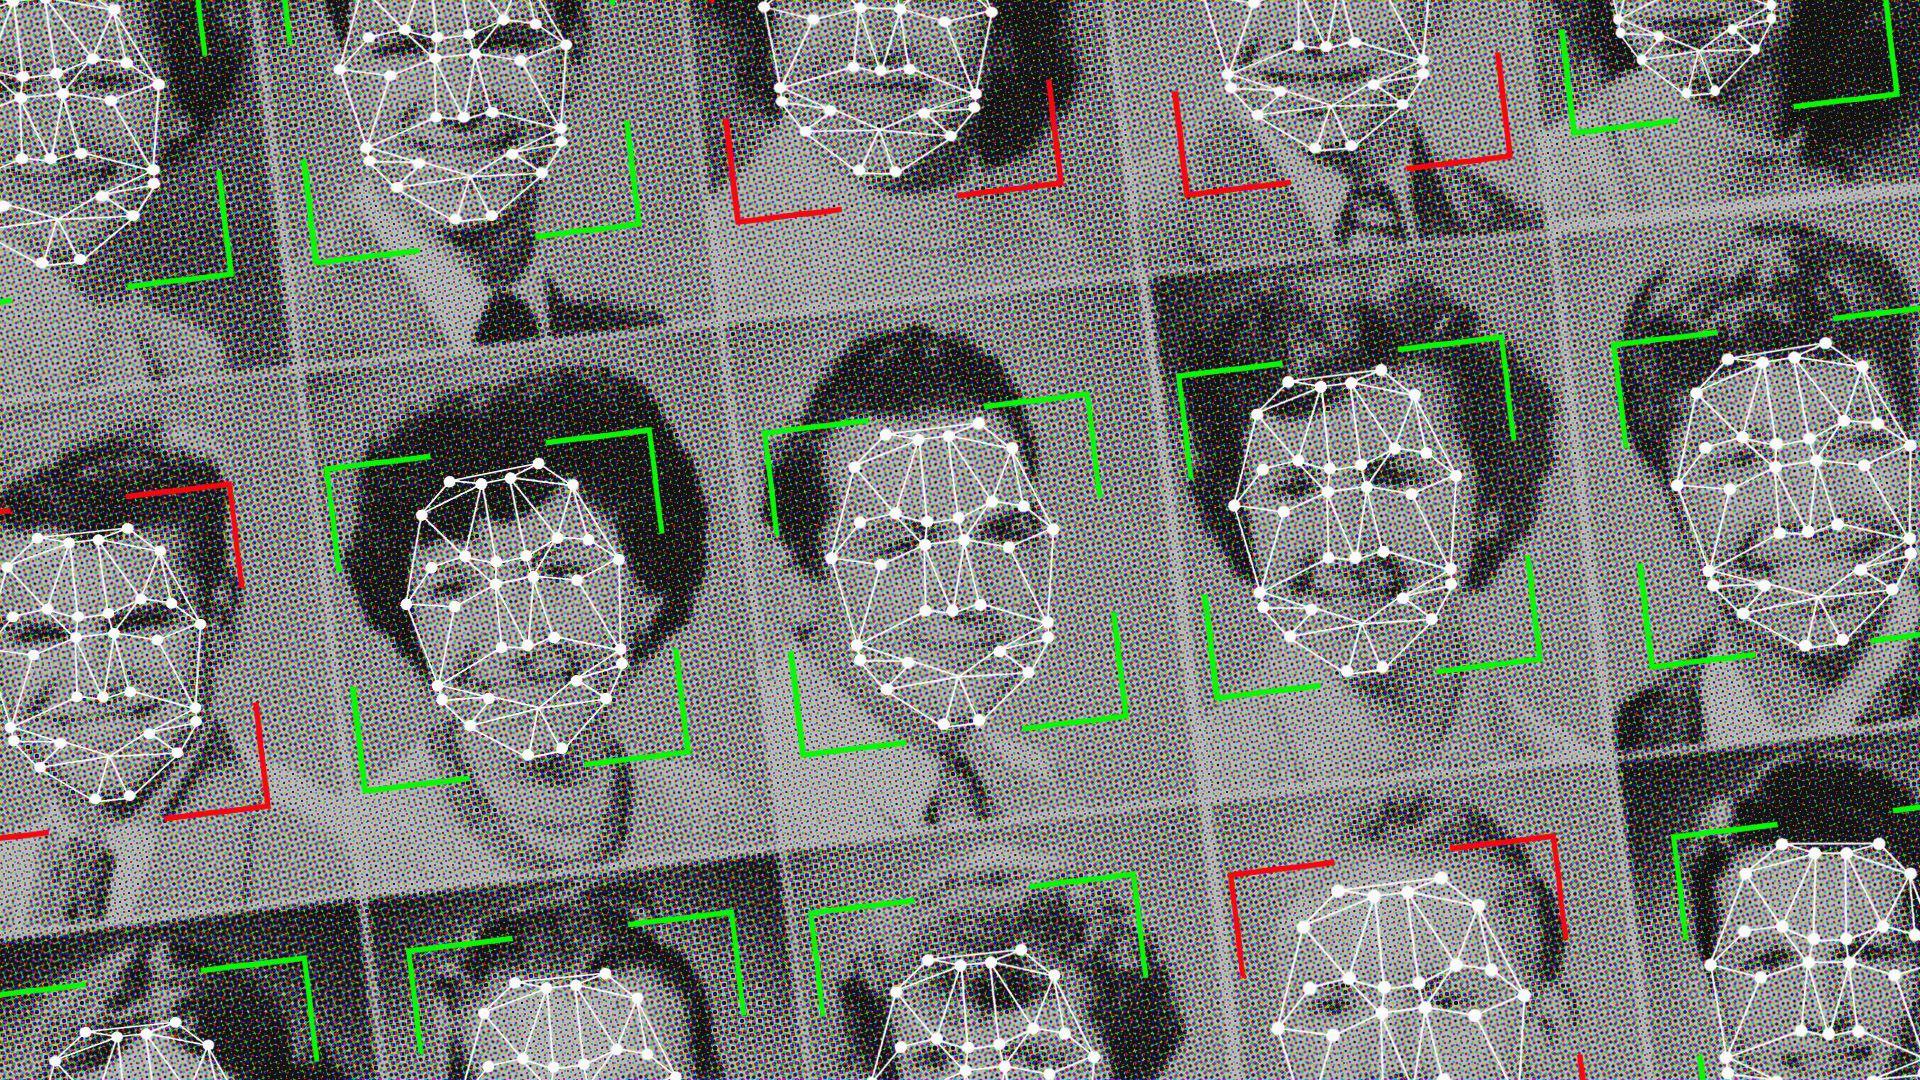 Главы Alphabet и Microsoft отреагировали на инициативу Еврокомиссии по блокировке систем распознавания лиц